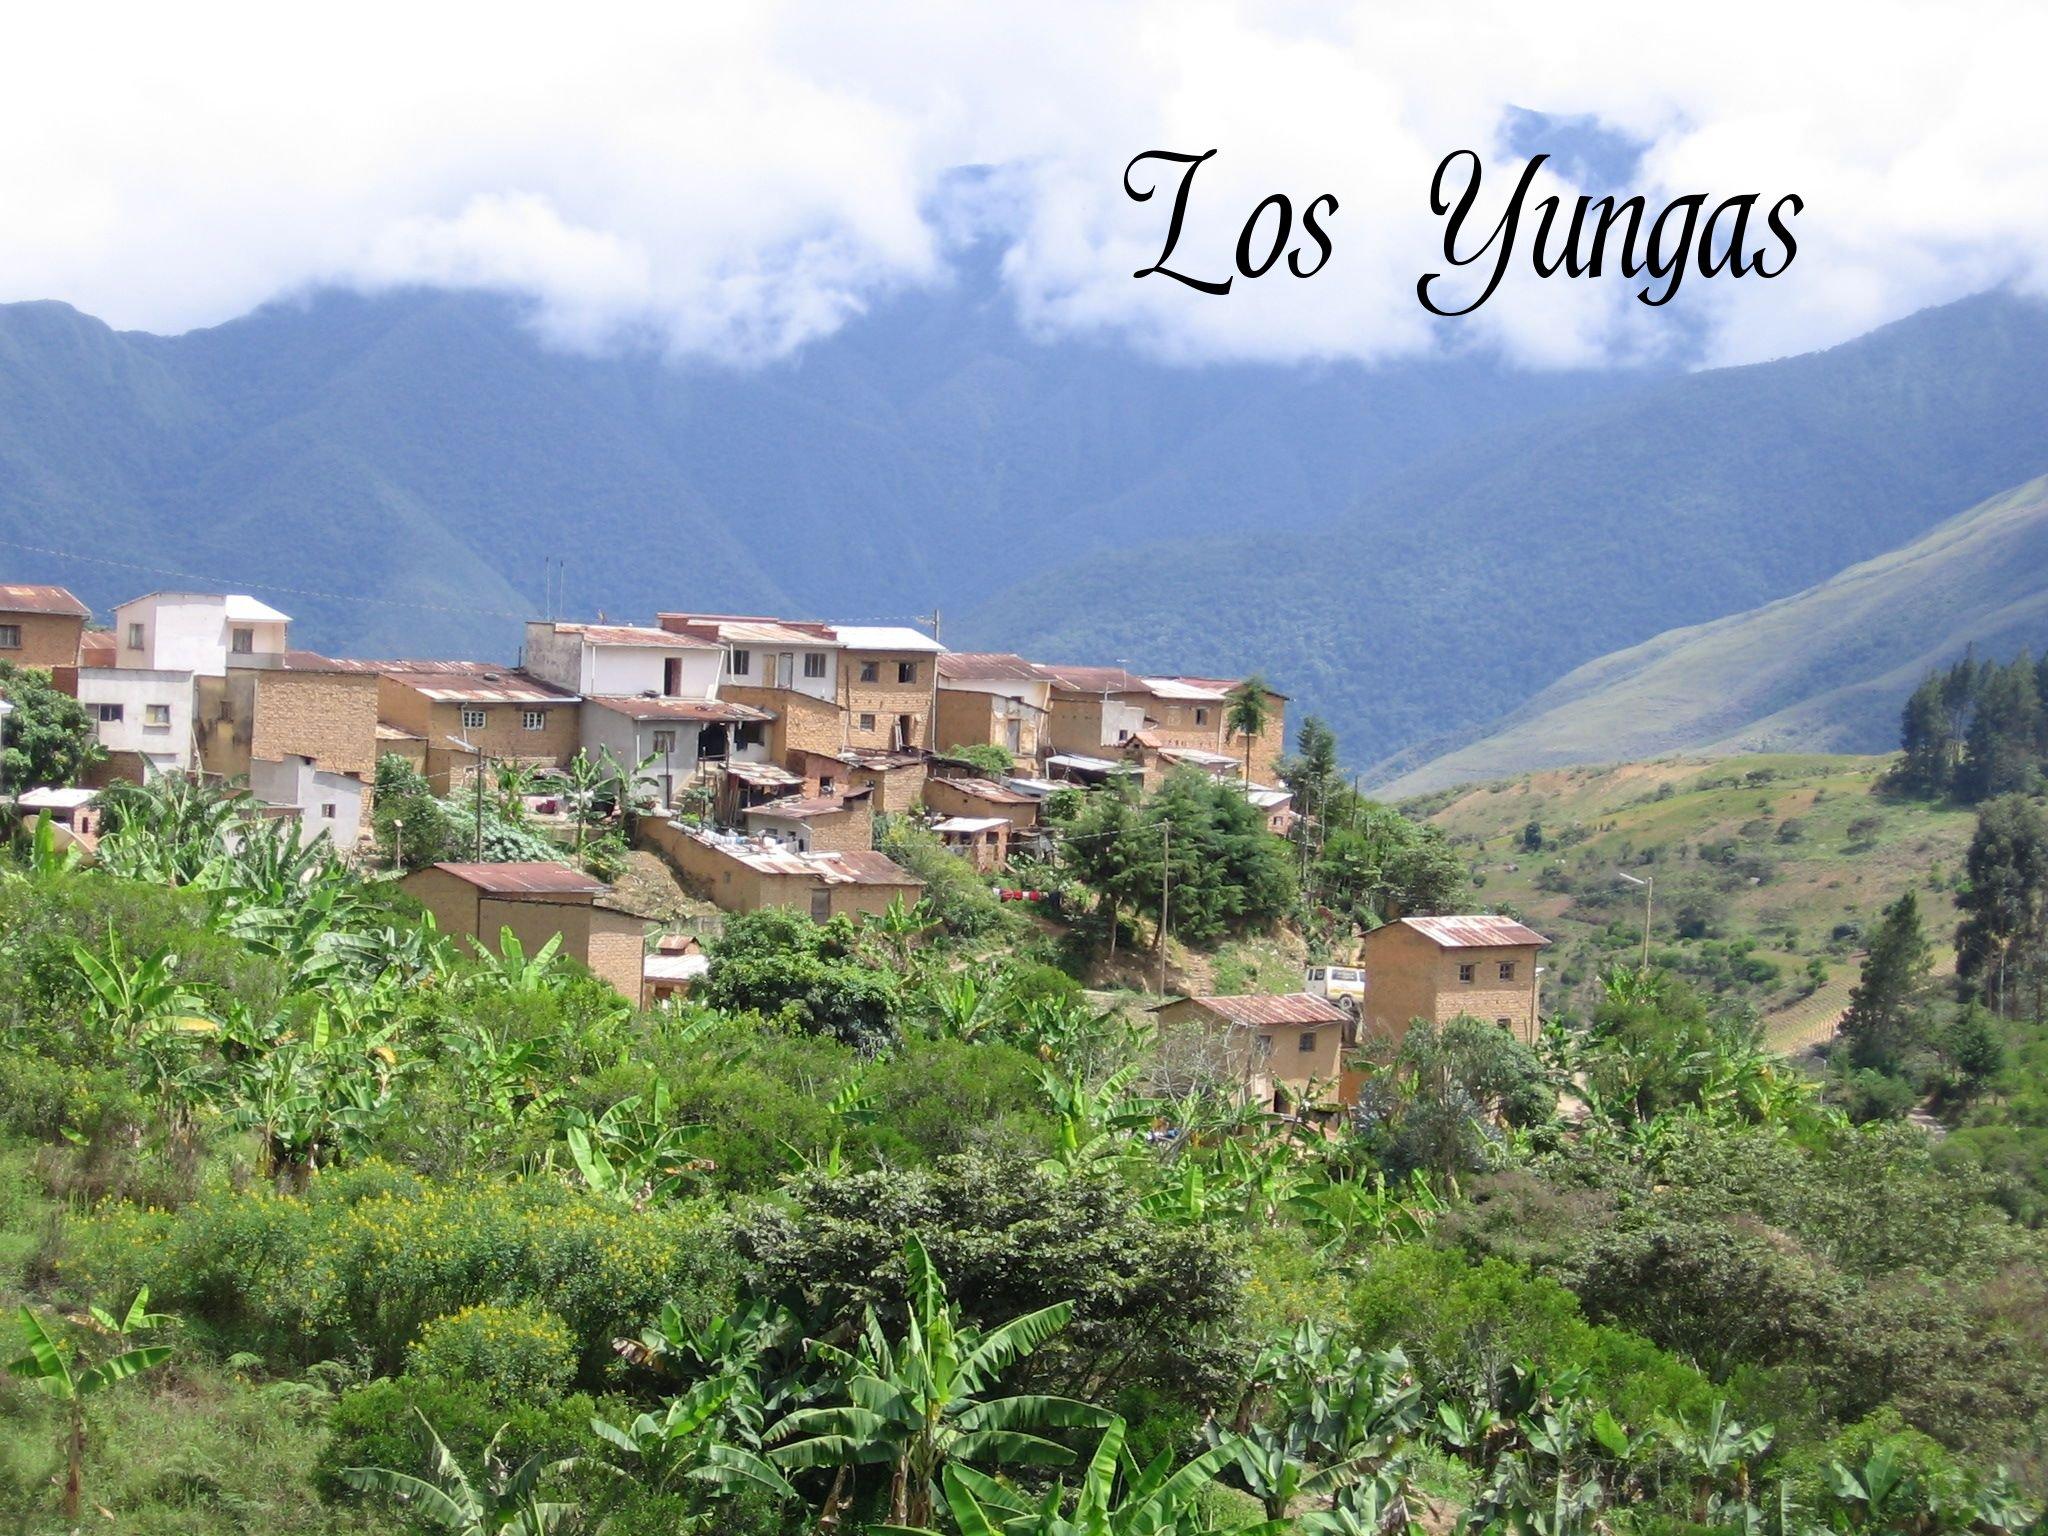 los yungas de bolivia: